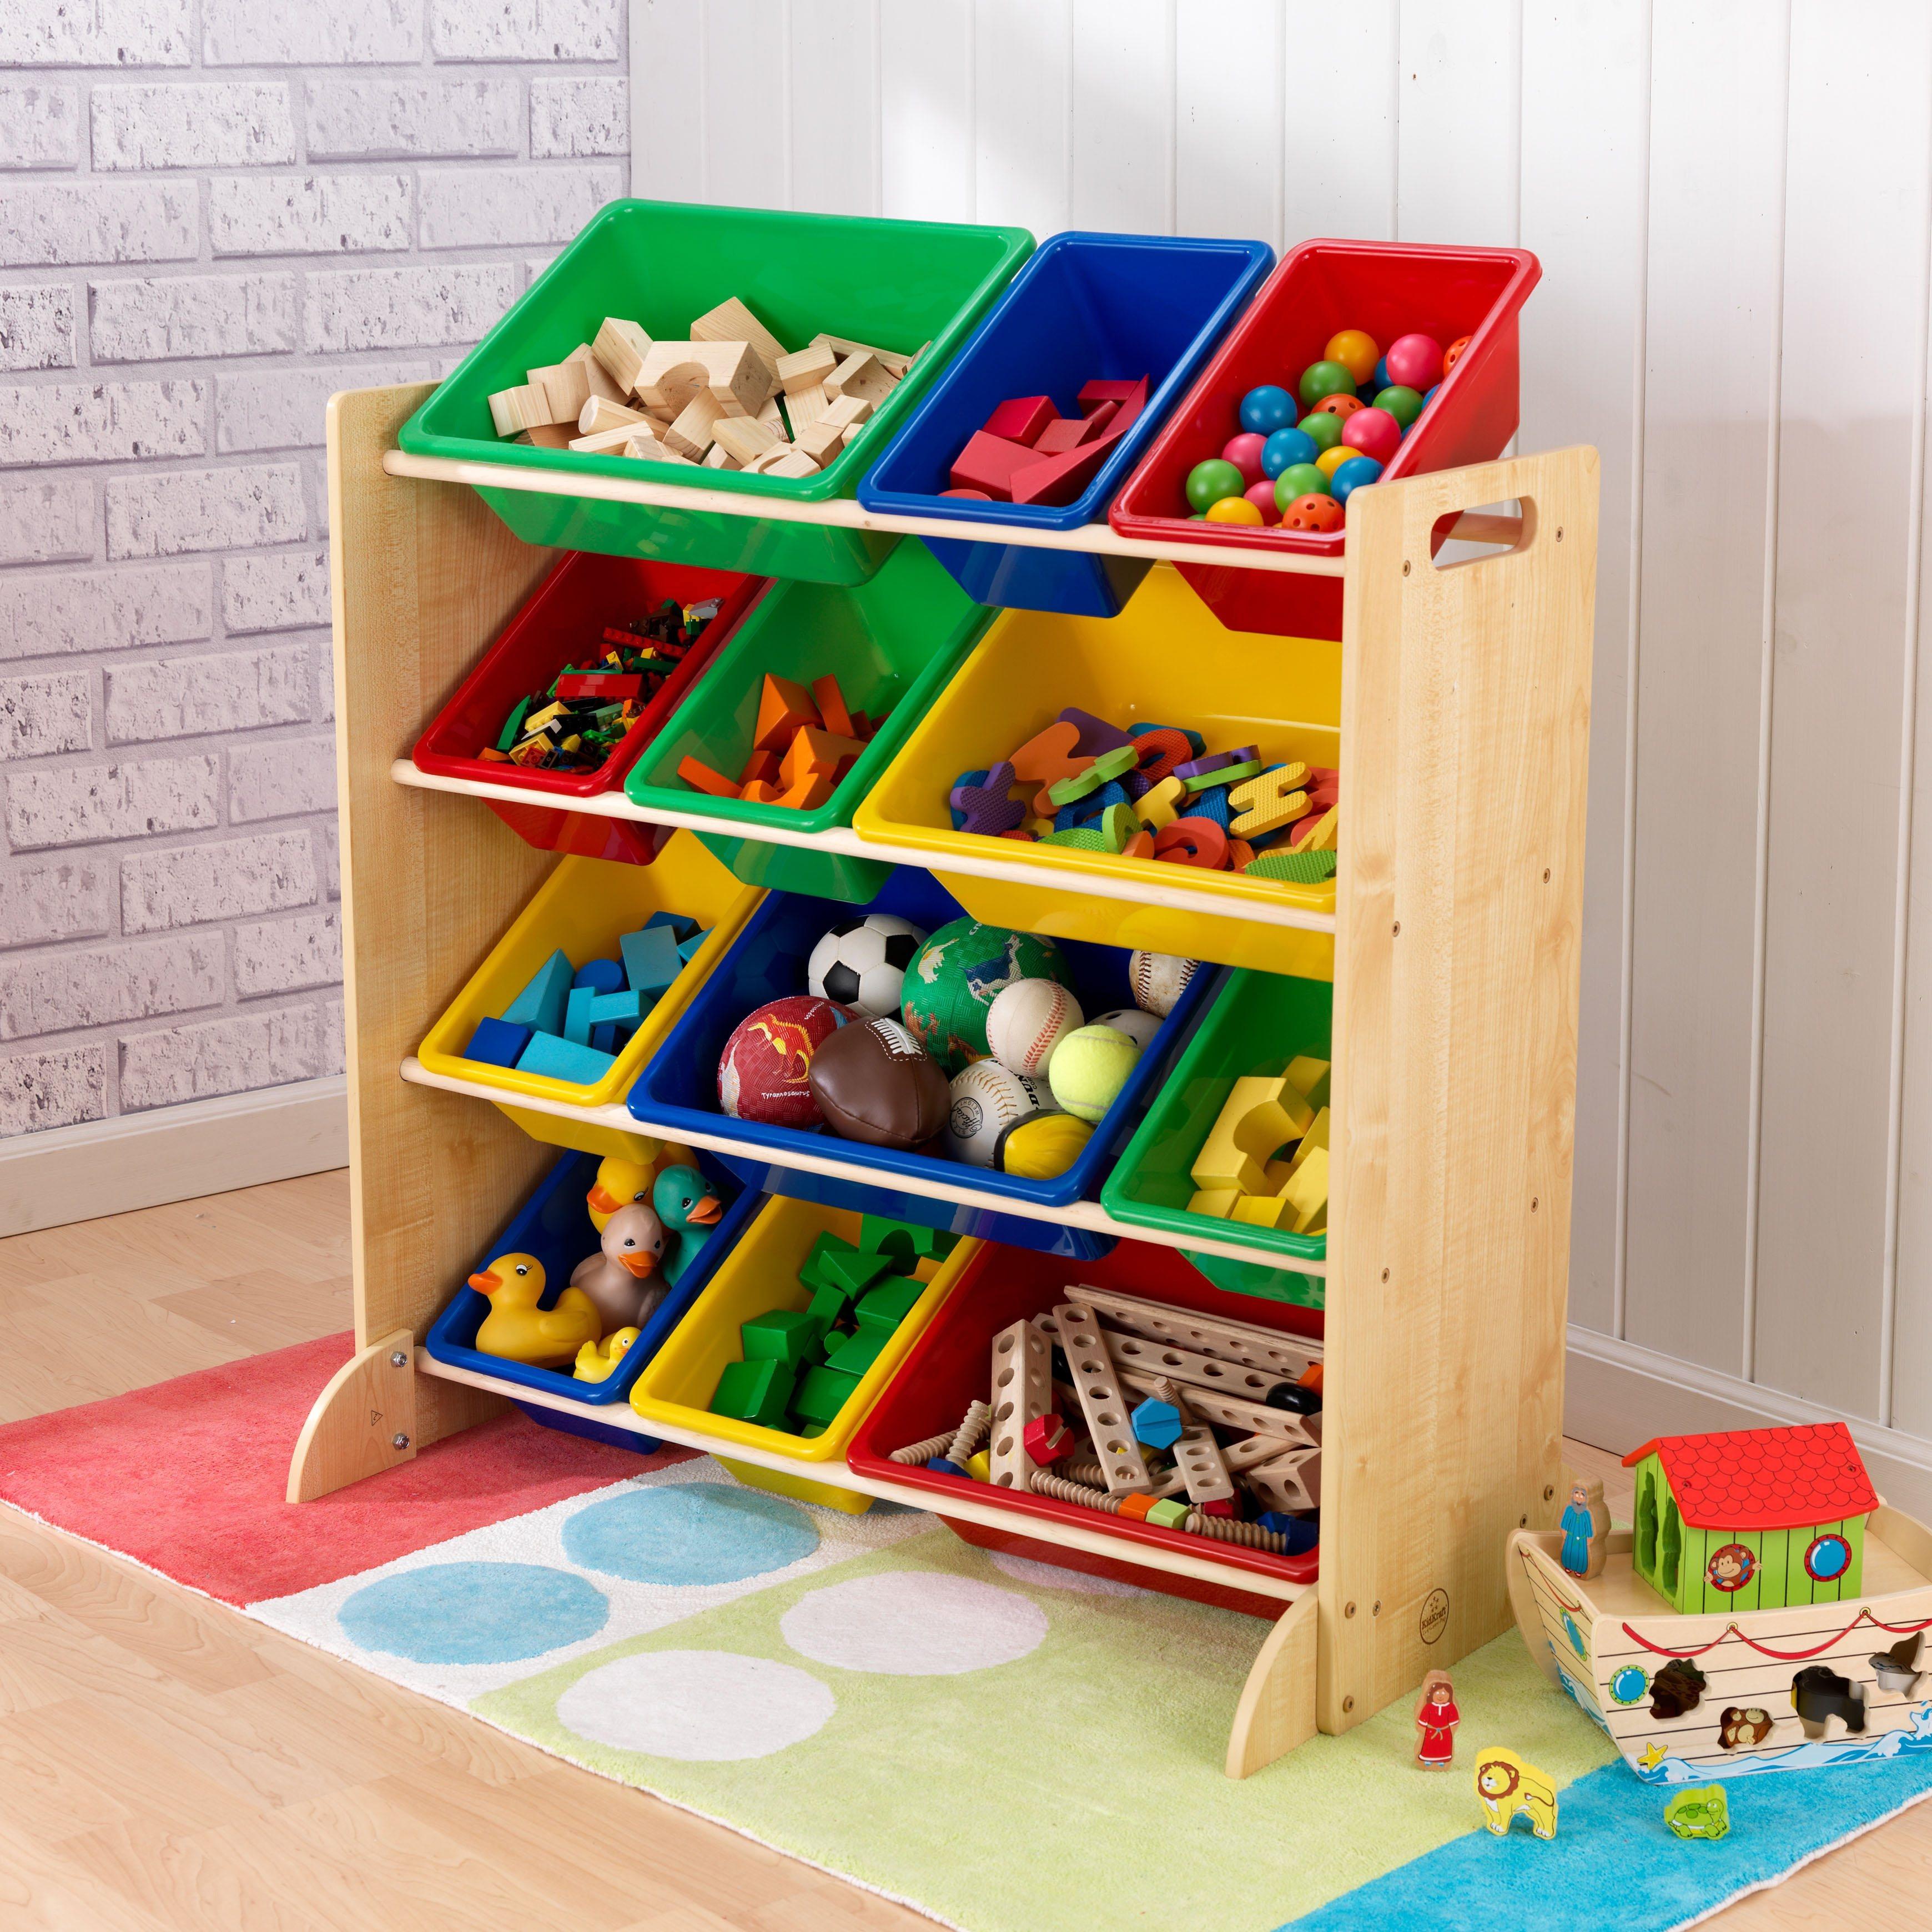 kinderzimmer preisvergleich die besten angebote online kaufen. Black Bedroom Furniture Sets. Home Design Ideas